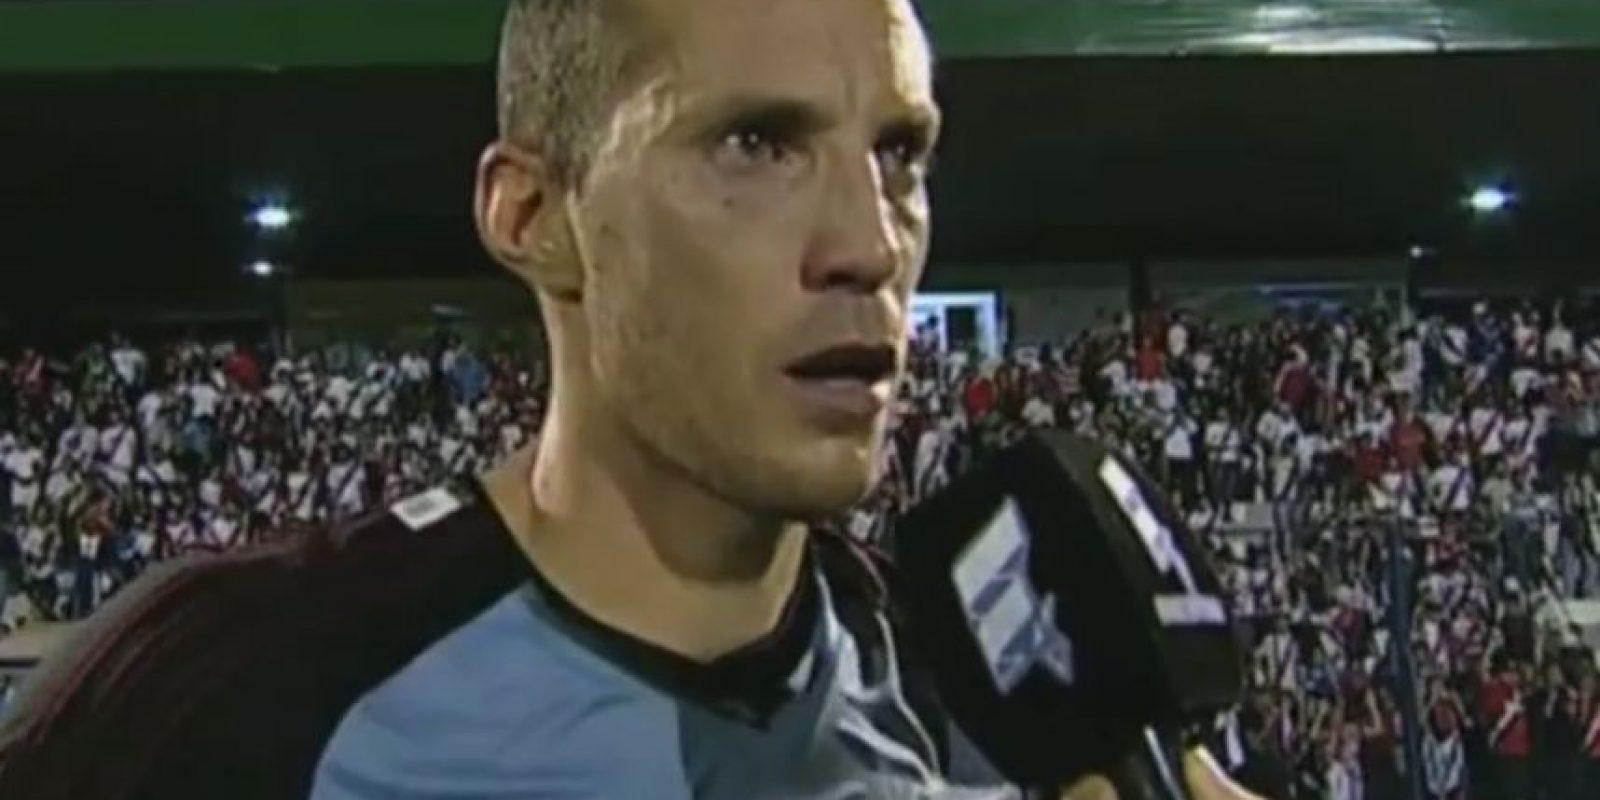 Sobre todo para Andrés Podlesh, defensa de 30 años del Liniers, quien es un ferviente hincha del River Plate. Foto:Youtube Fútbol Para Todos